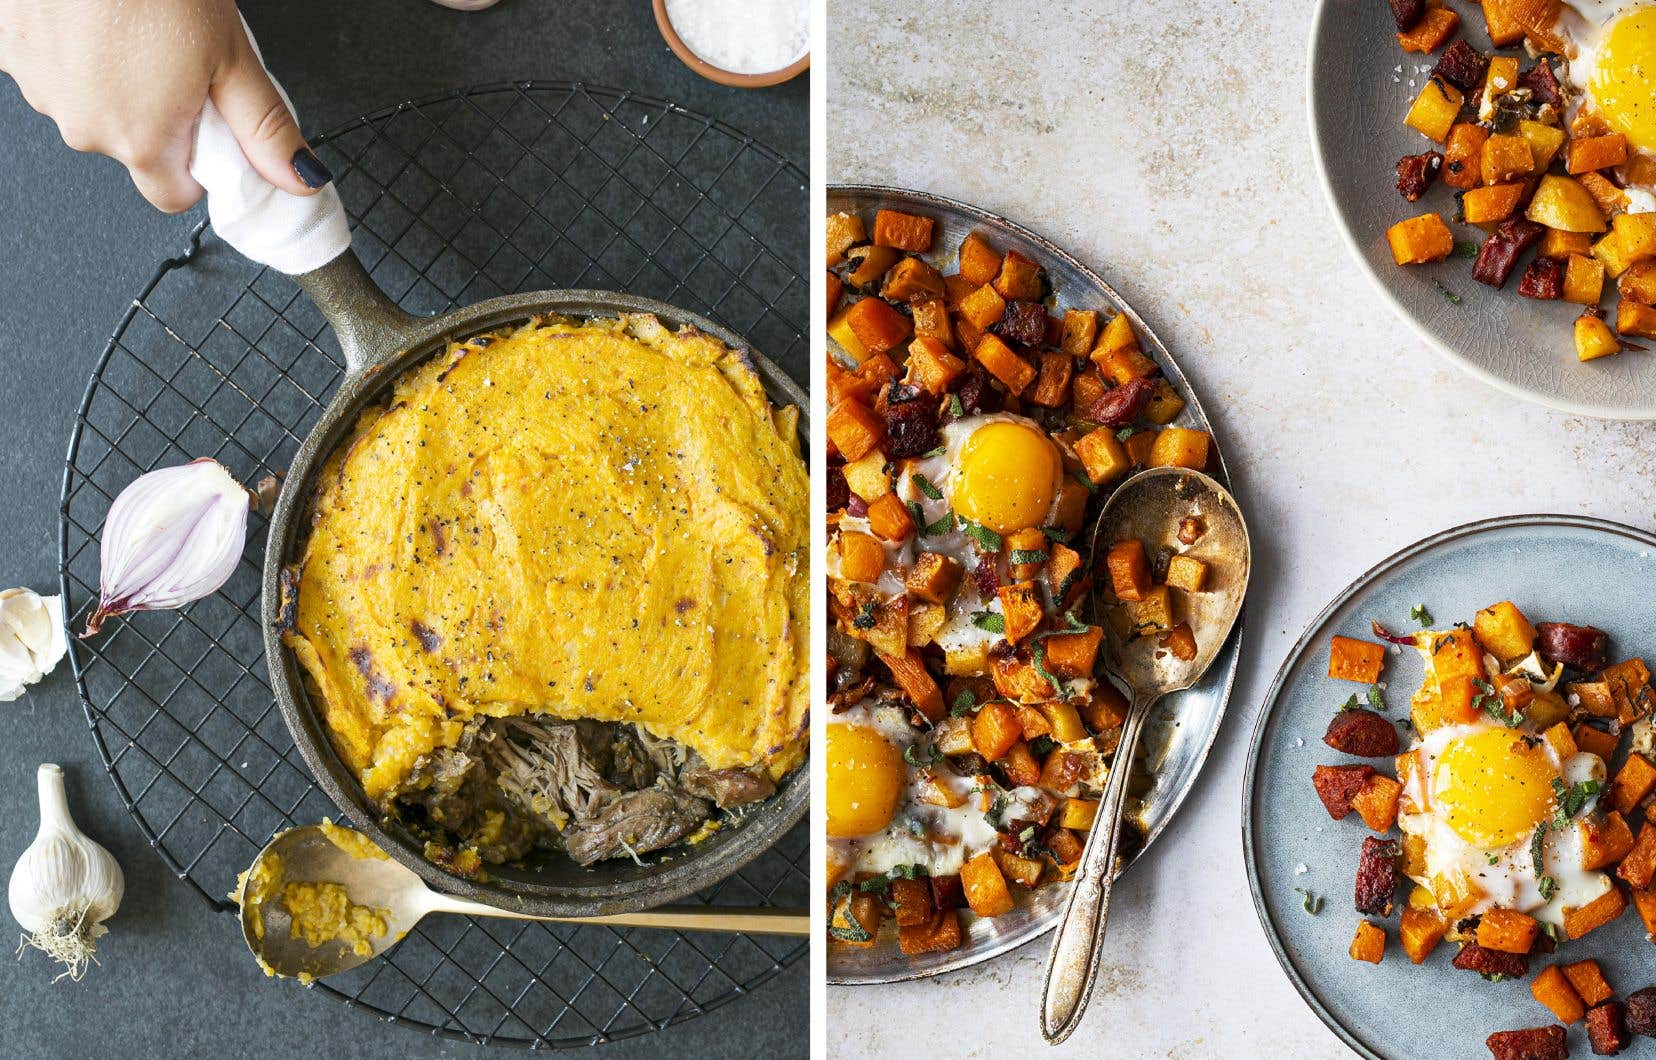 Un parmentier de canard et de patates douces (à gauche) et une plaque de patates douces, œufs et chorizos (à droite)